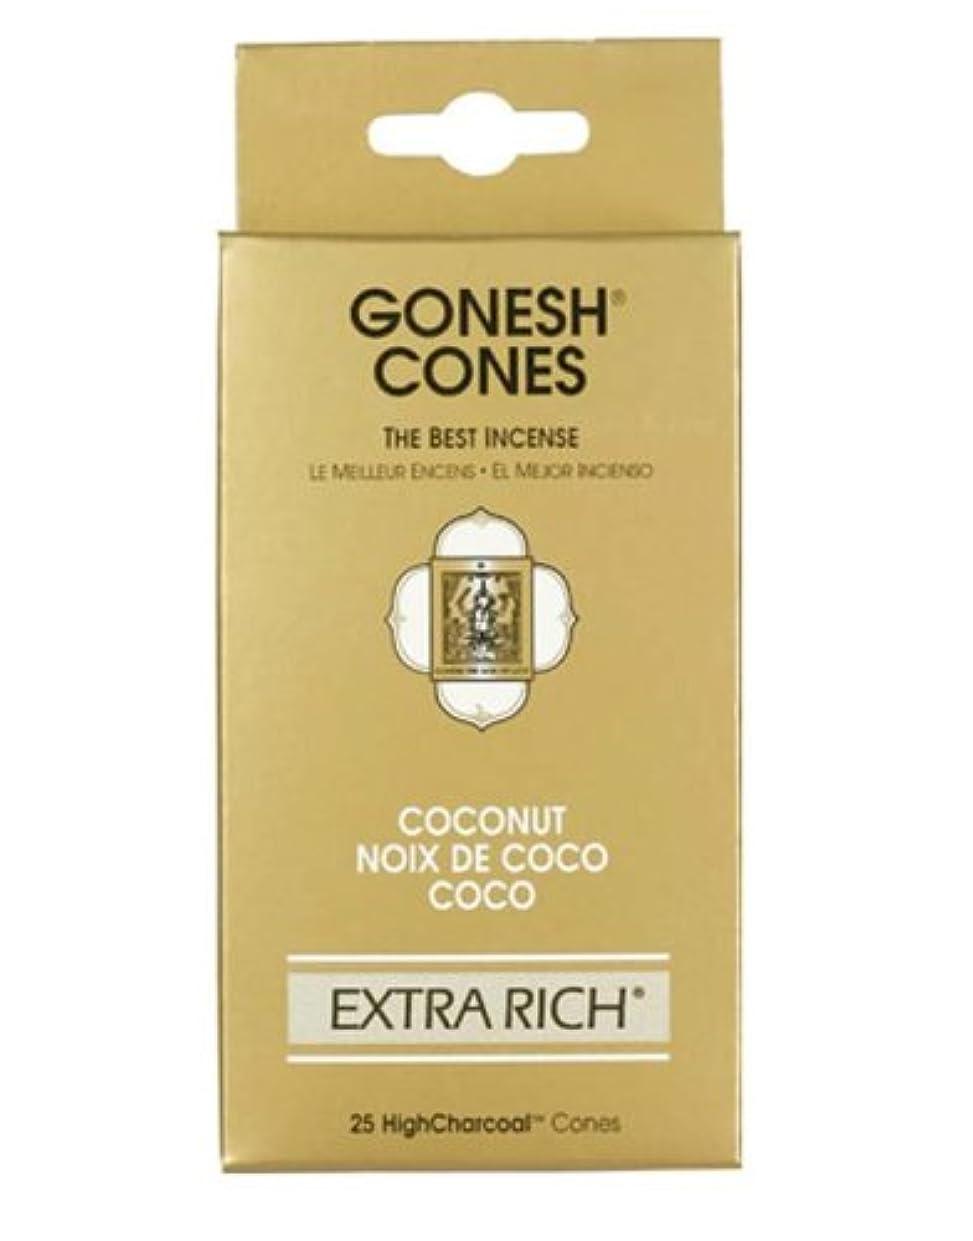 持続的スリム売上高GONESH インセンスエクストラリッチ コーン ココナッツ